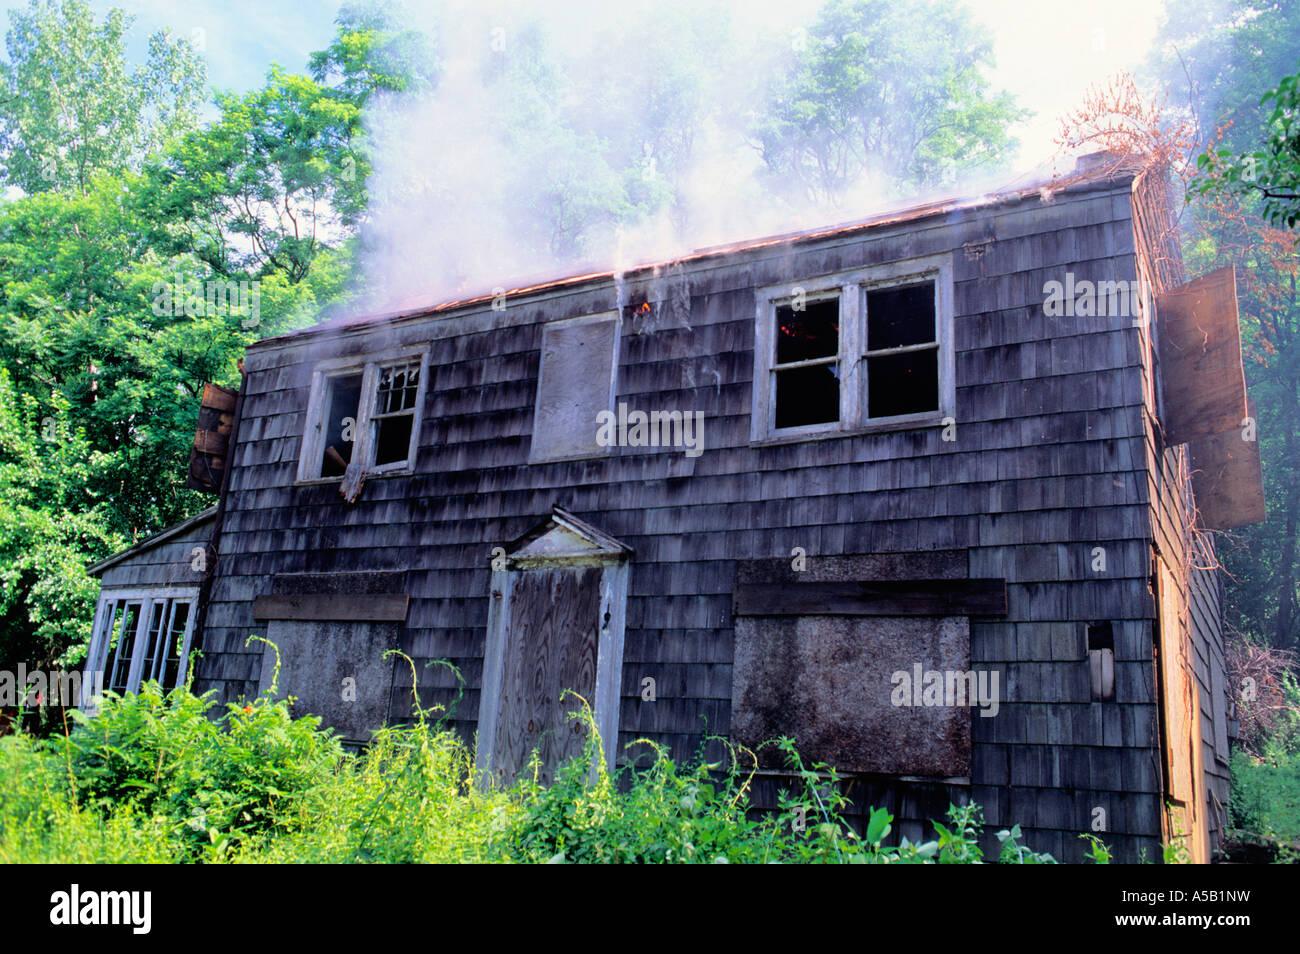 New York State alte Holz Rahmen Haus auf dem Land USA brennen ...